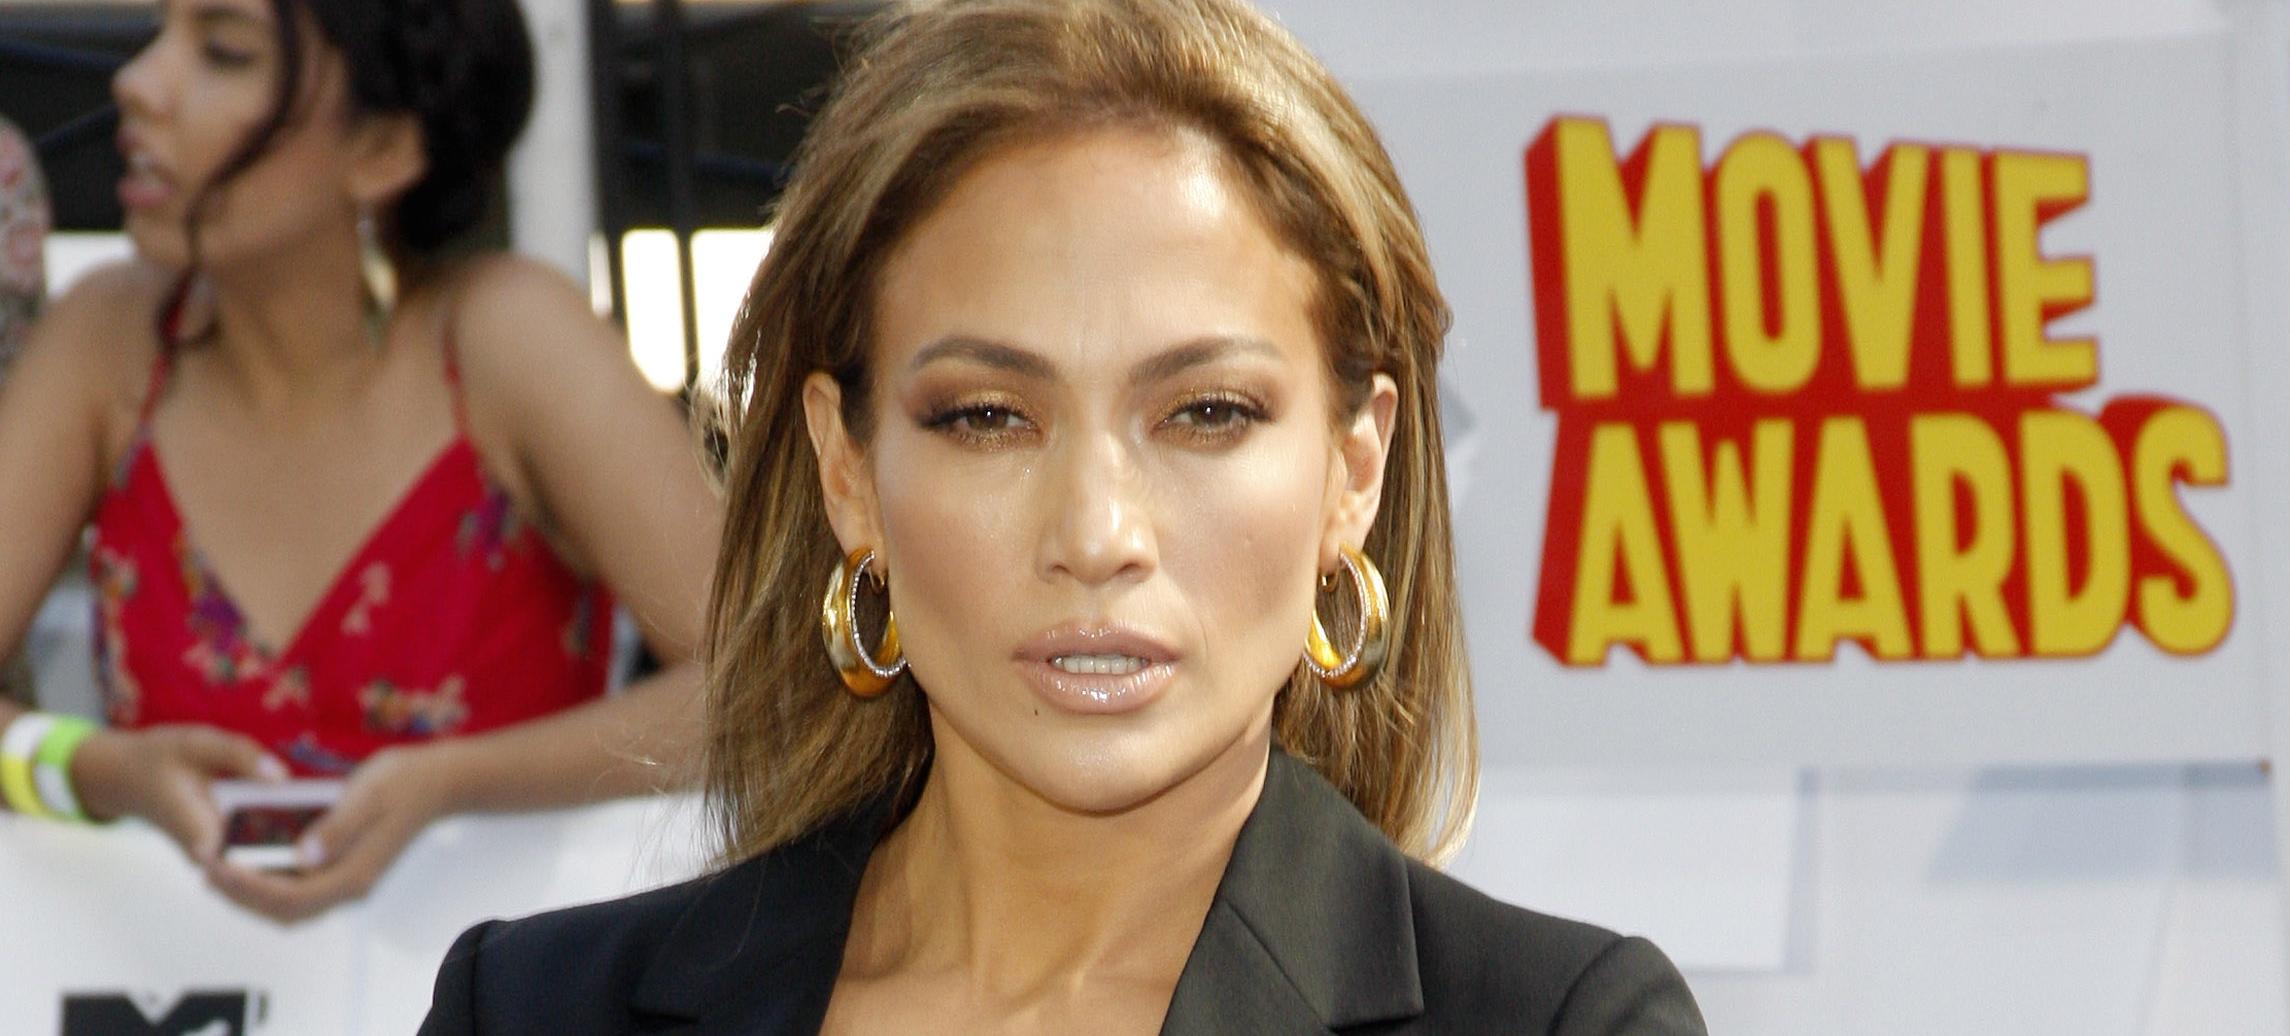 MTV Movie Award Beauty Trend: Candlelit Eyeshadow